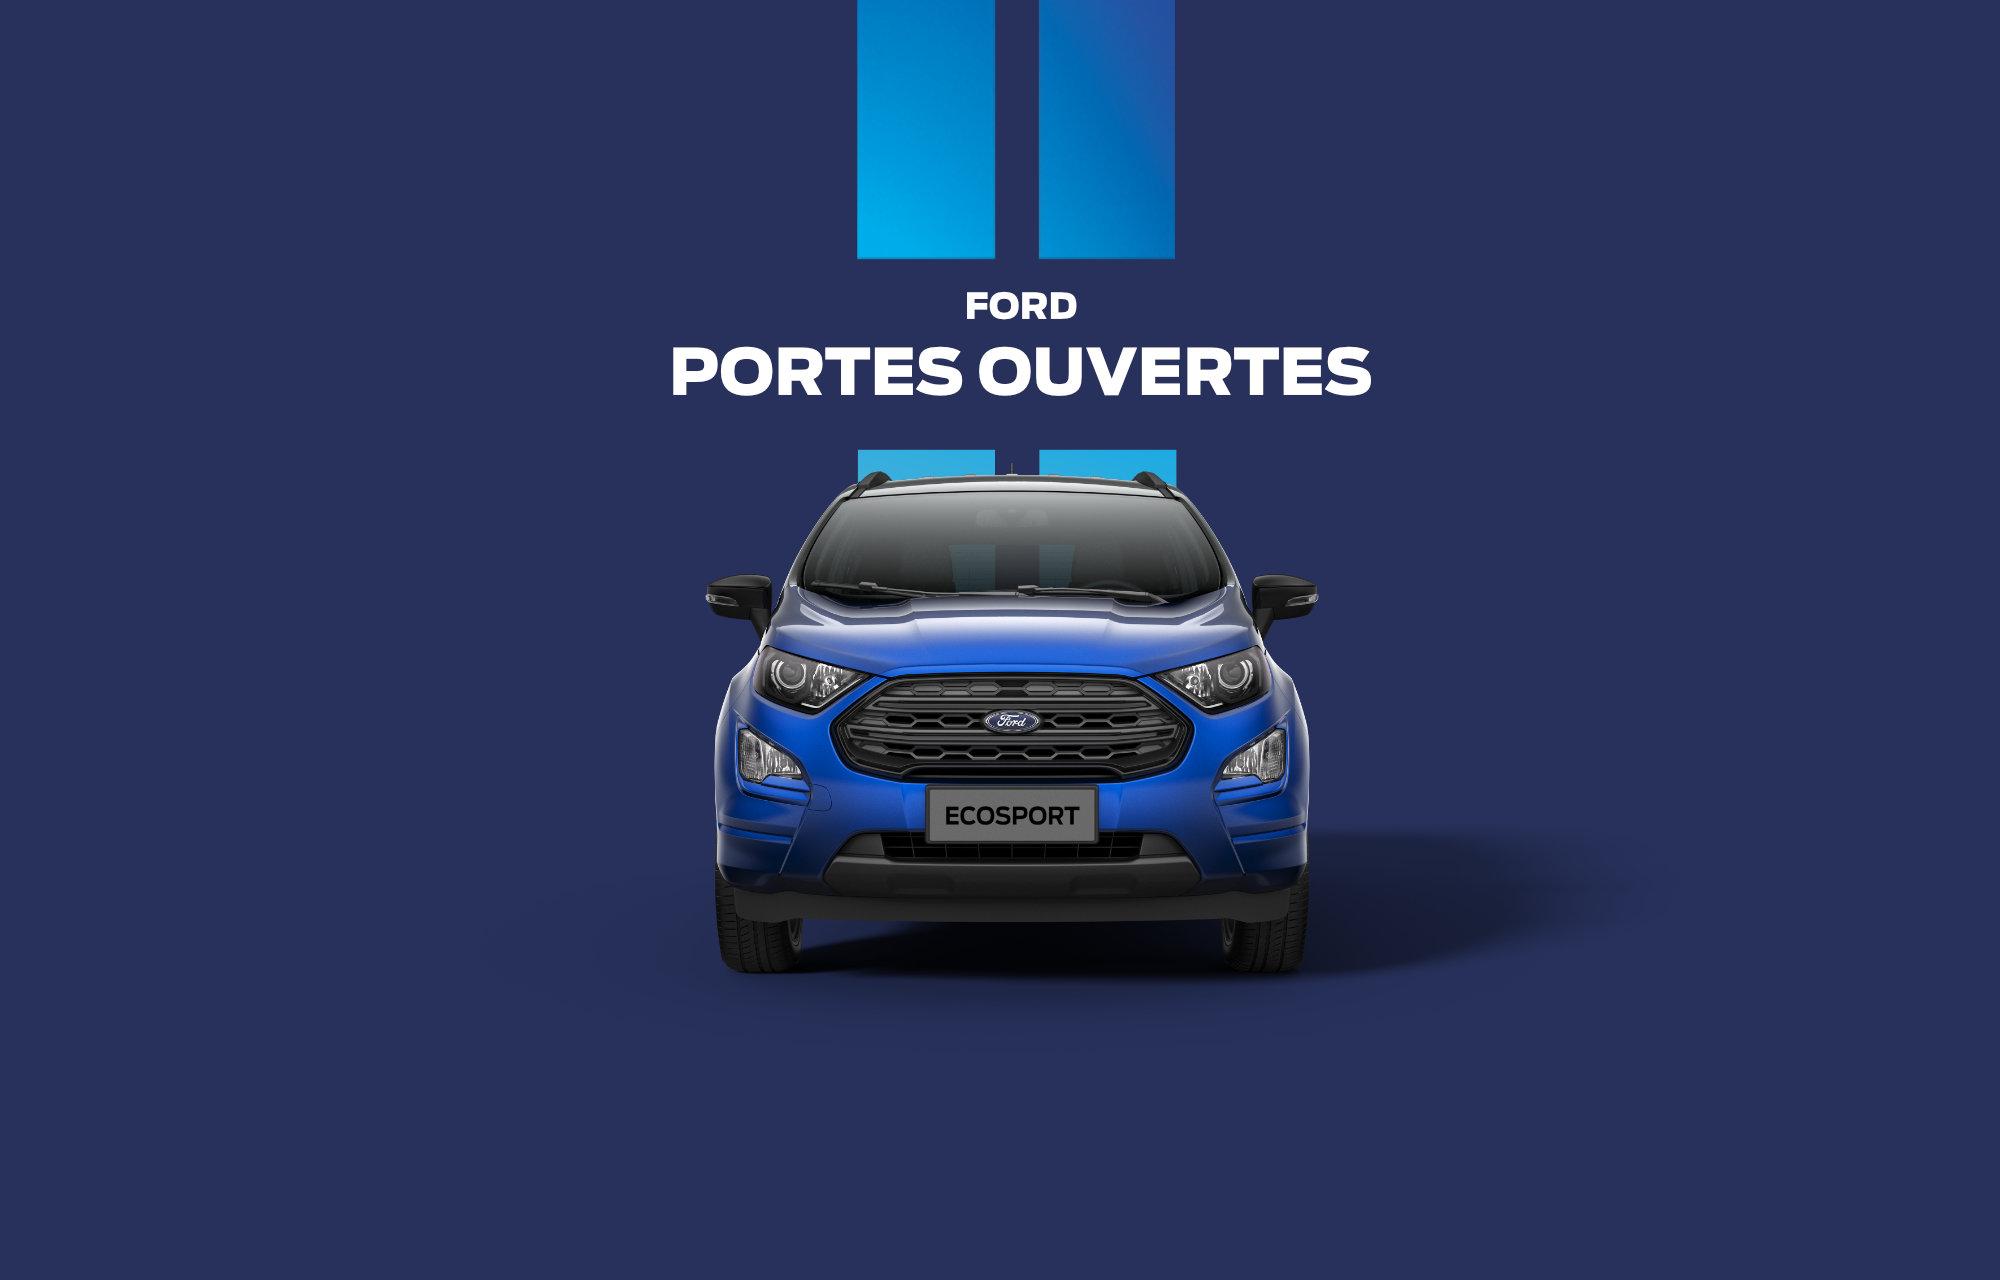 Portes Ouvertes Ford jusqu'au 19 janvier 2019.